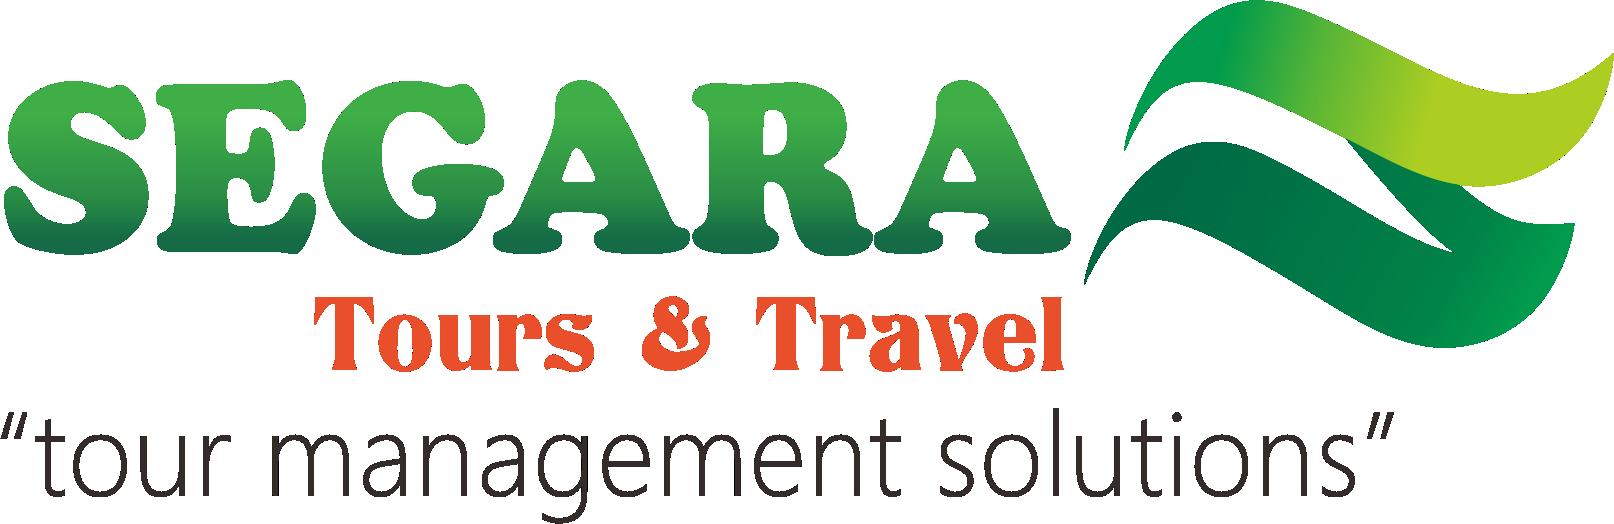 Segara Tours & Travel